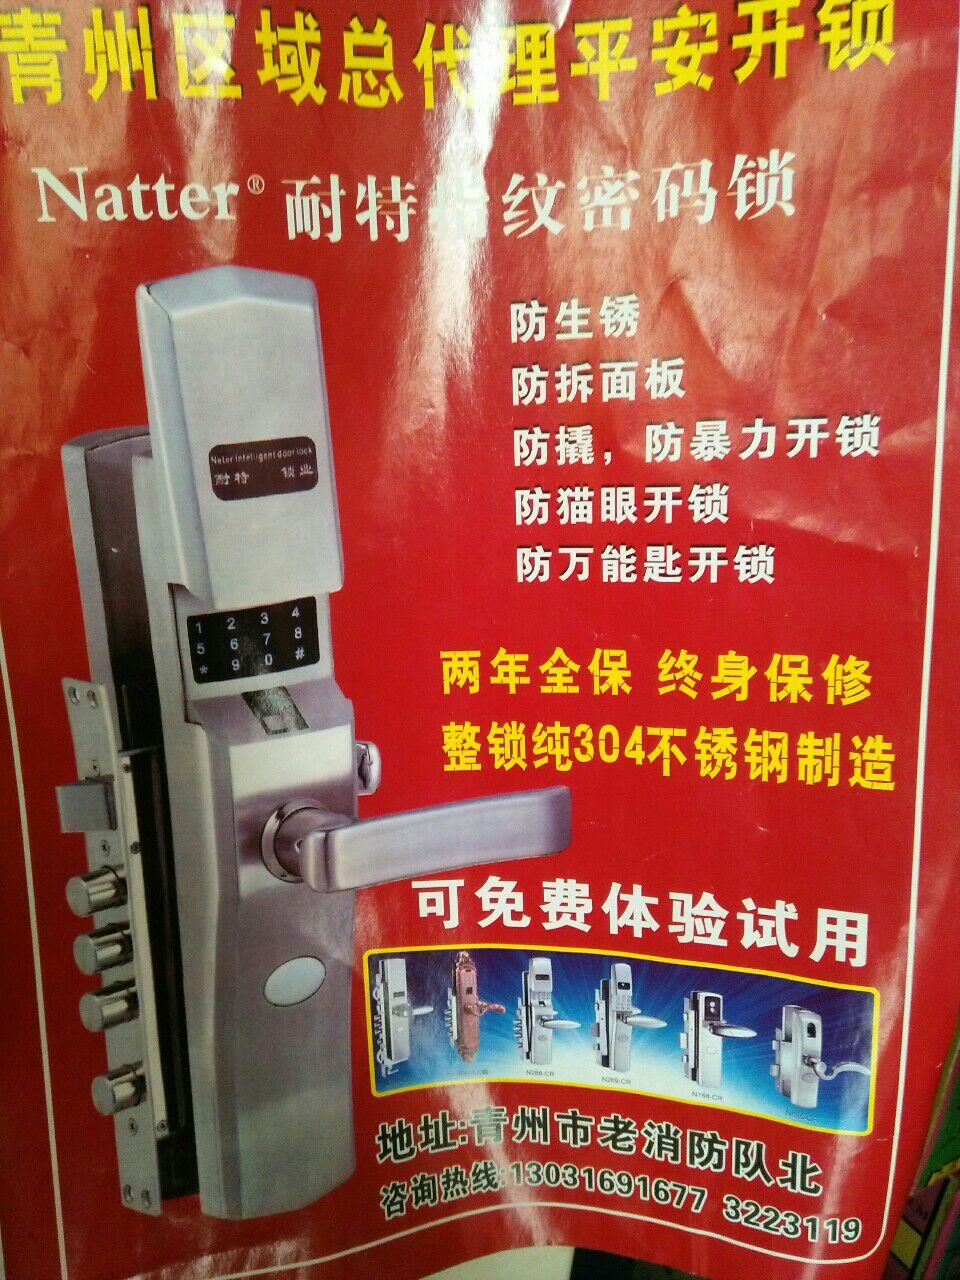 青州开锁电话3223119平安开锁公司